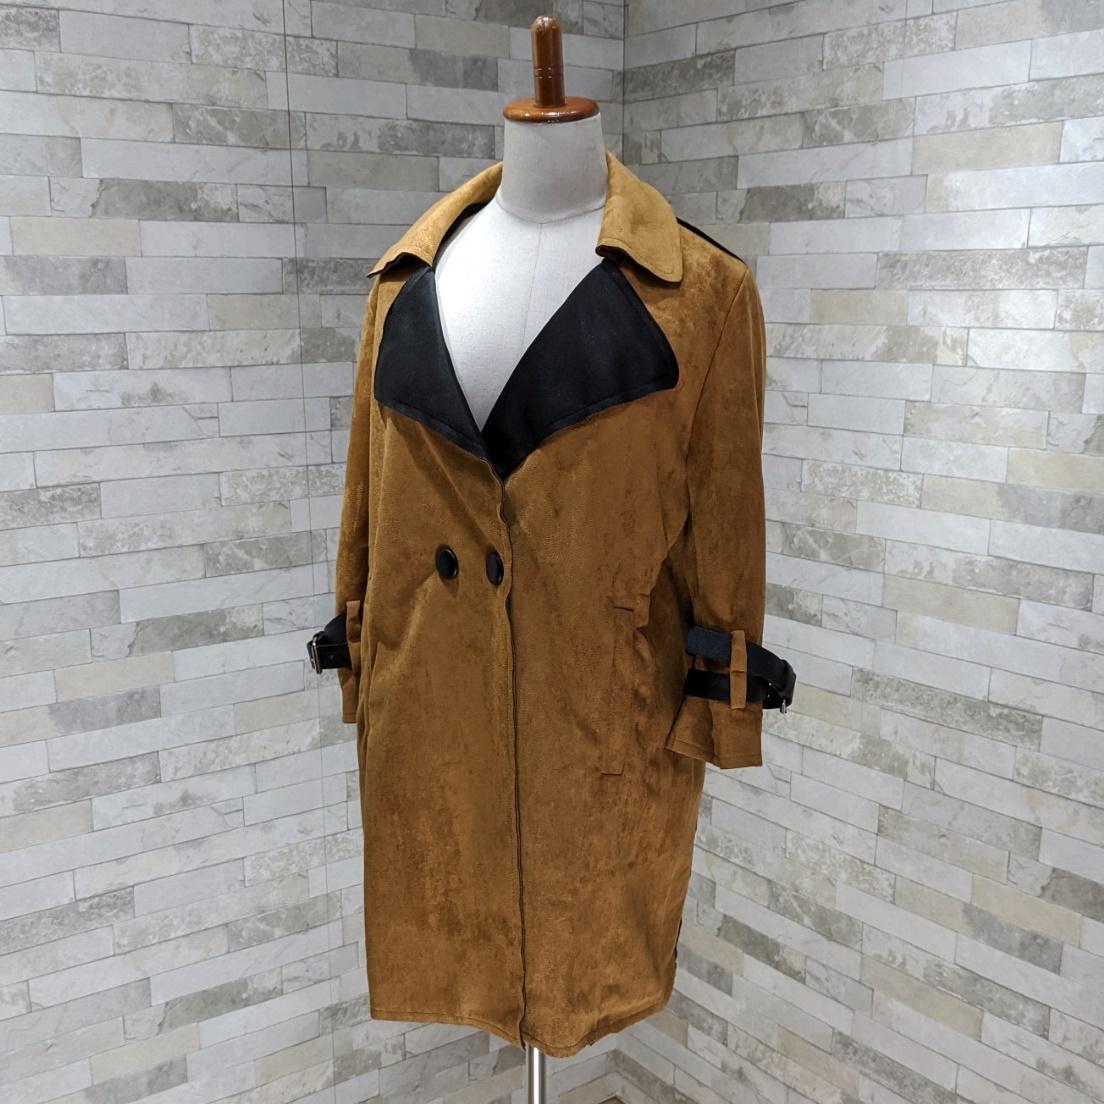 【即納】韓国 ファッション アウター レザージャケット コート 秋 冬 パーティー ブライダル SPTXG910  革ベルト風 エコスエード ジャケット ショート 二次会 セレブ きれいめの写真9枚目